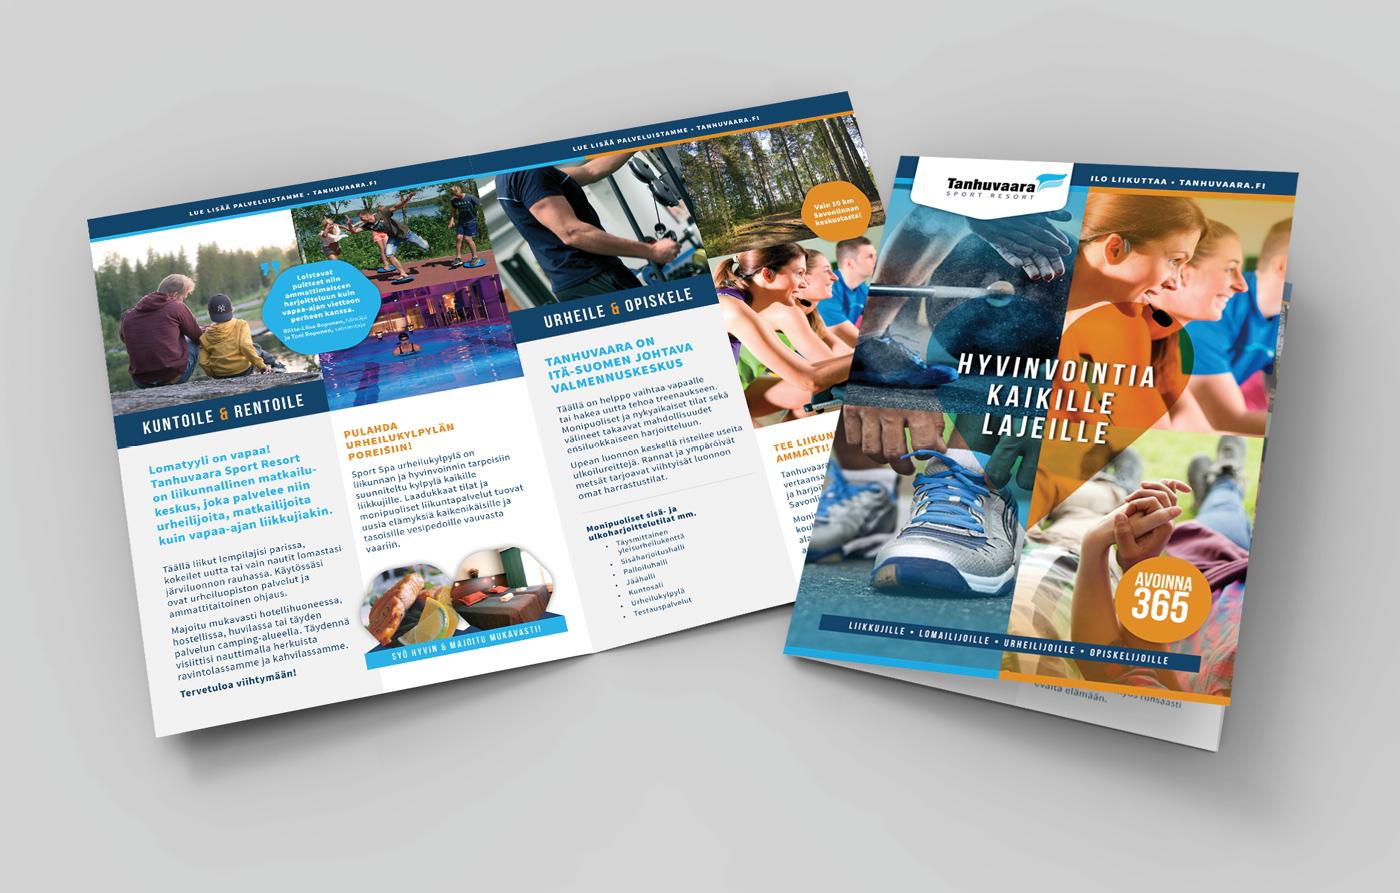 Työnäyte: Tanhuvaara Sport Resort - Visuaalinen ja graafinen suunnittelu, brändin kehittäminen sekä mainonnan suunnittelu ja toteutus